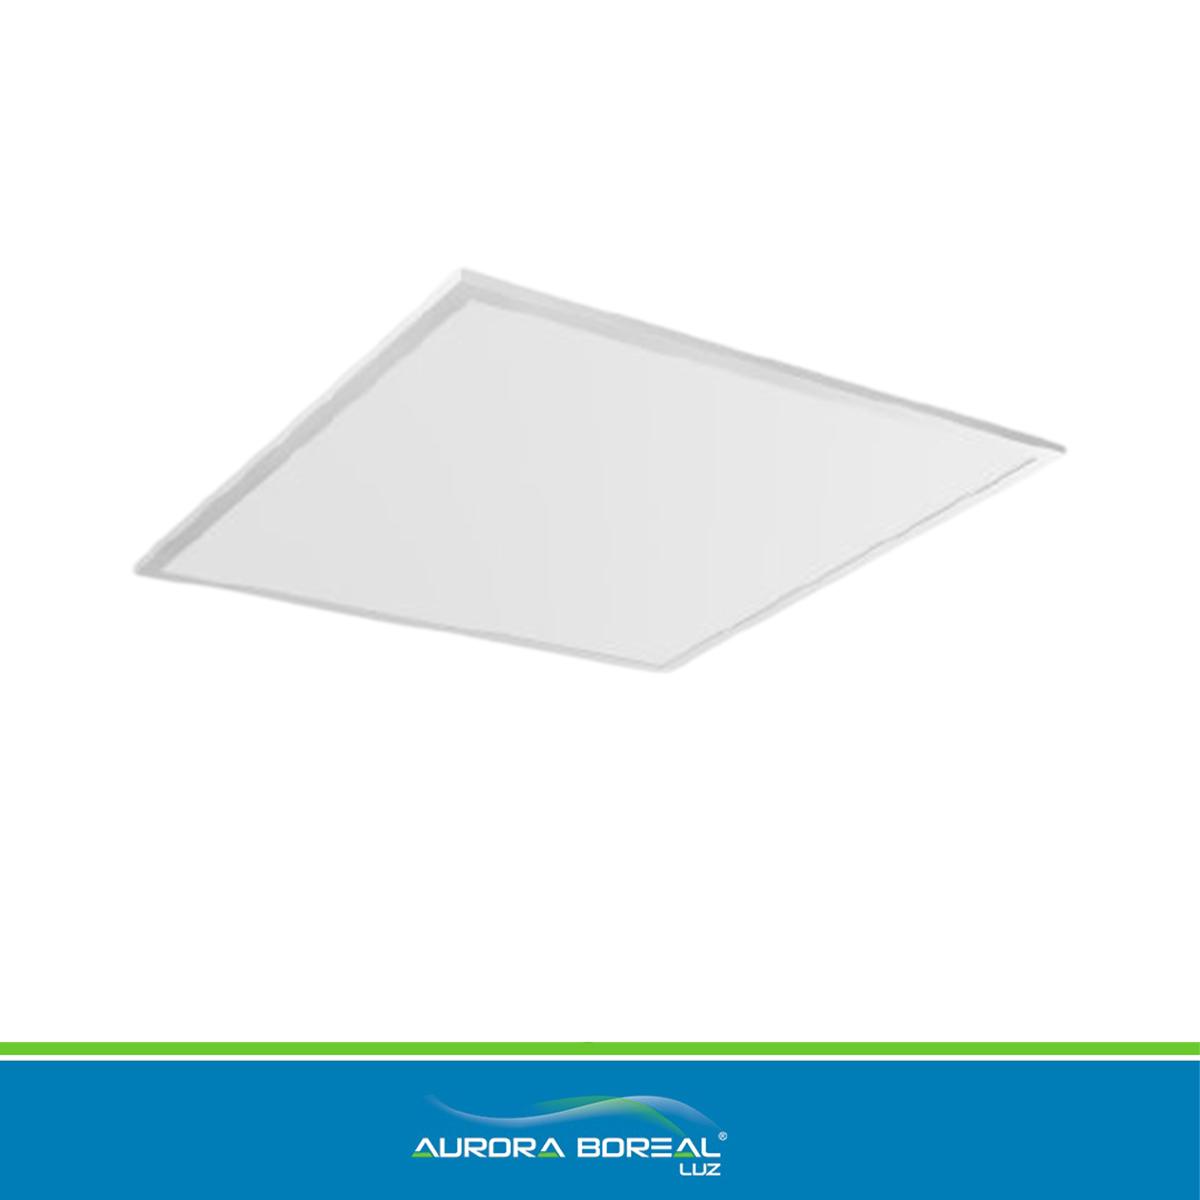 PAINEL LED QUADRADO EMBUTIR 30W - 6500K (Branco Frio)